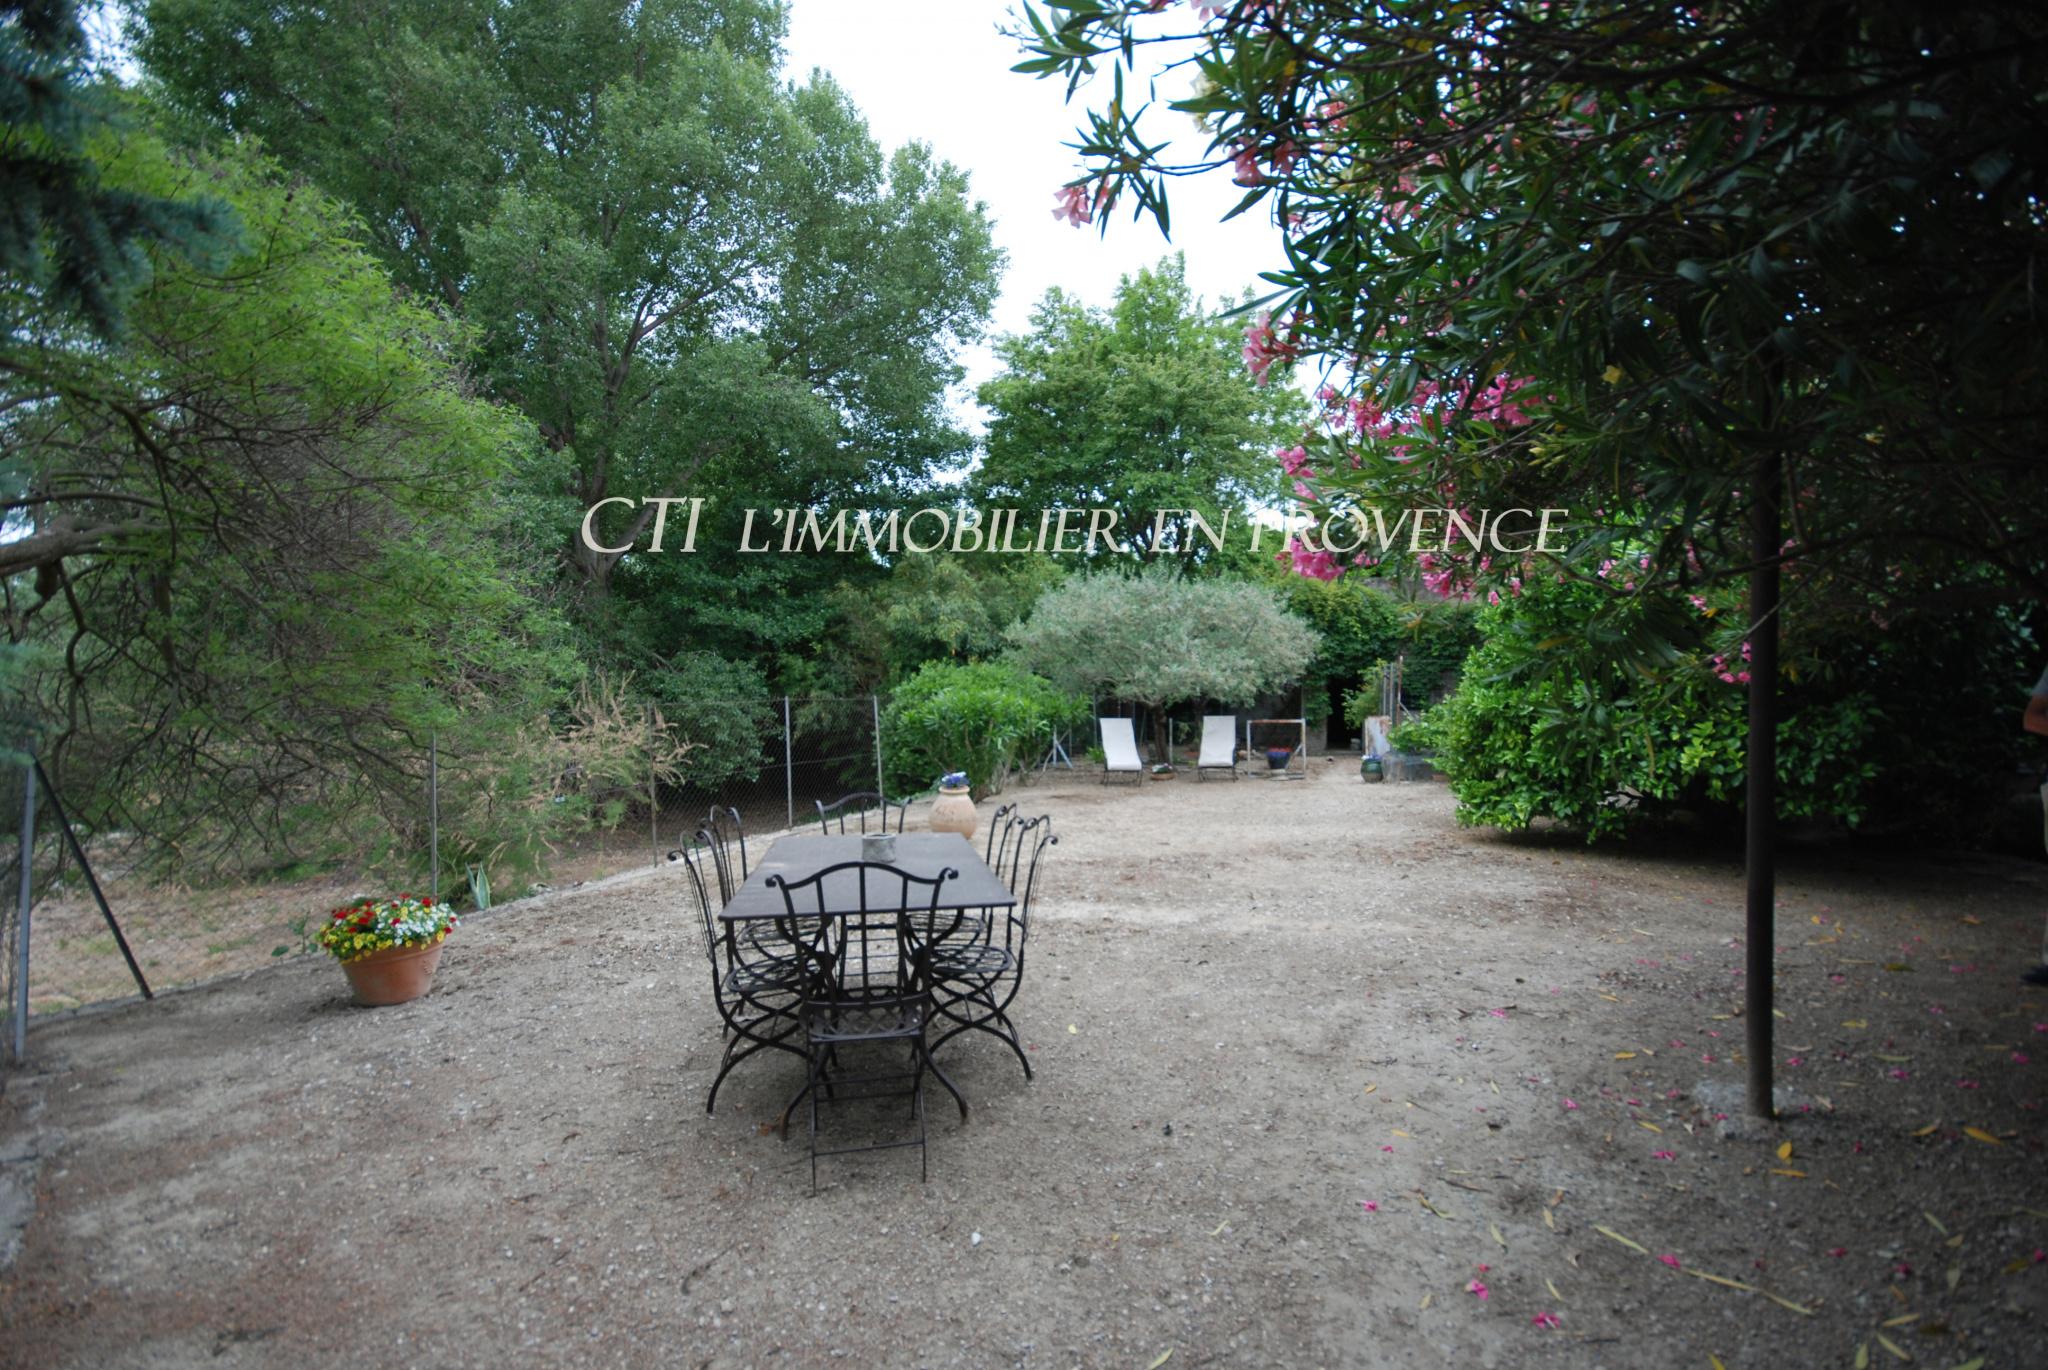 0 www.cti-provence.net, maison ancienne de charme restaurée avec jardin et source, vue Ventoux